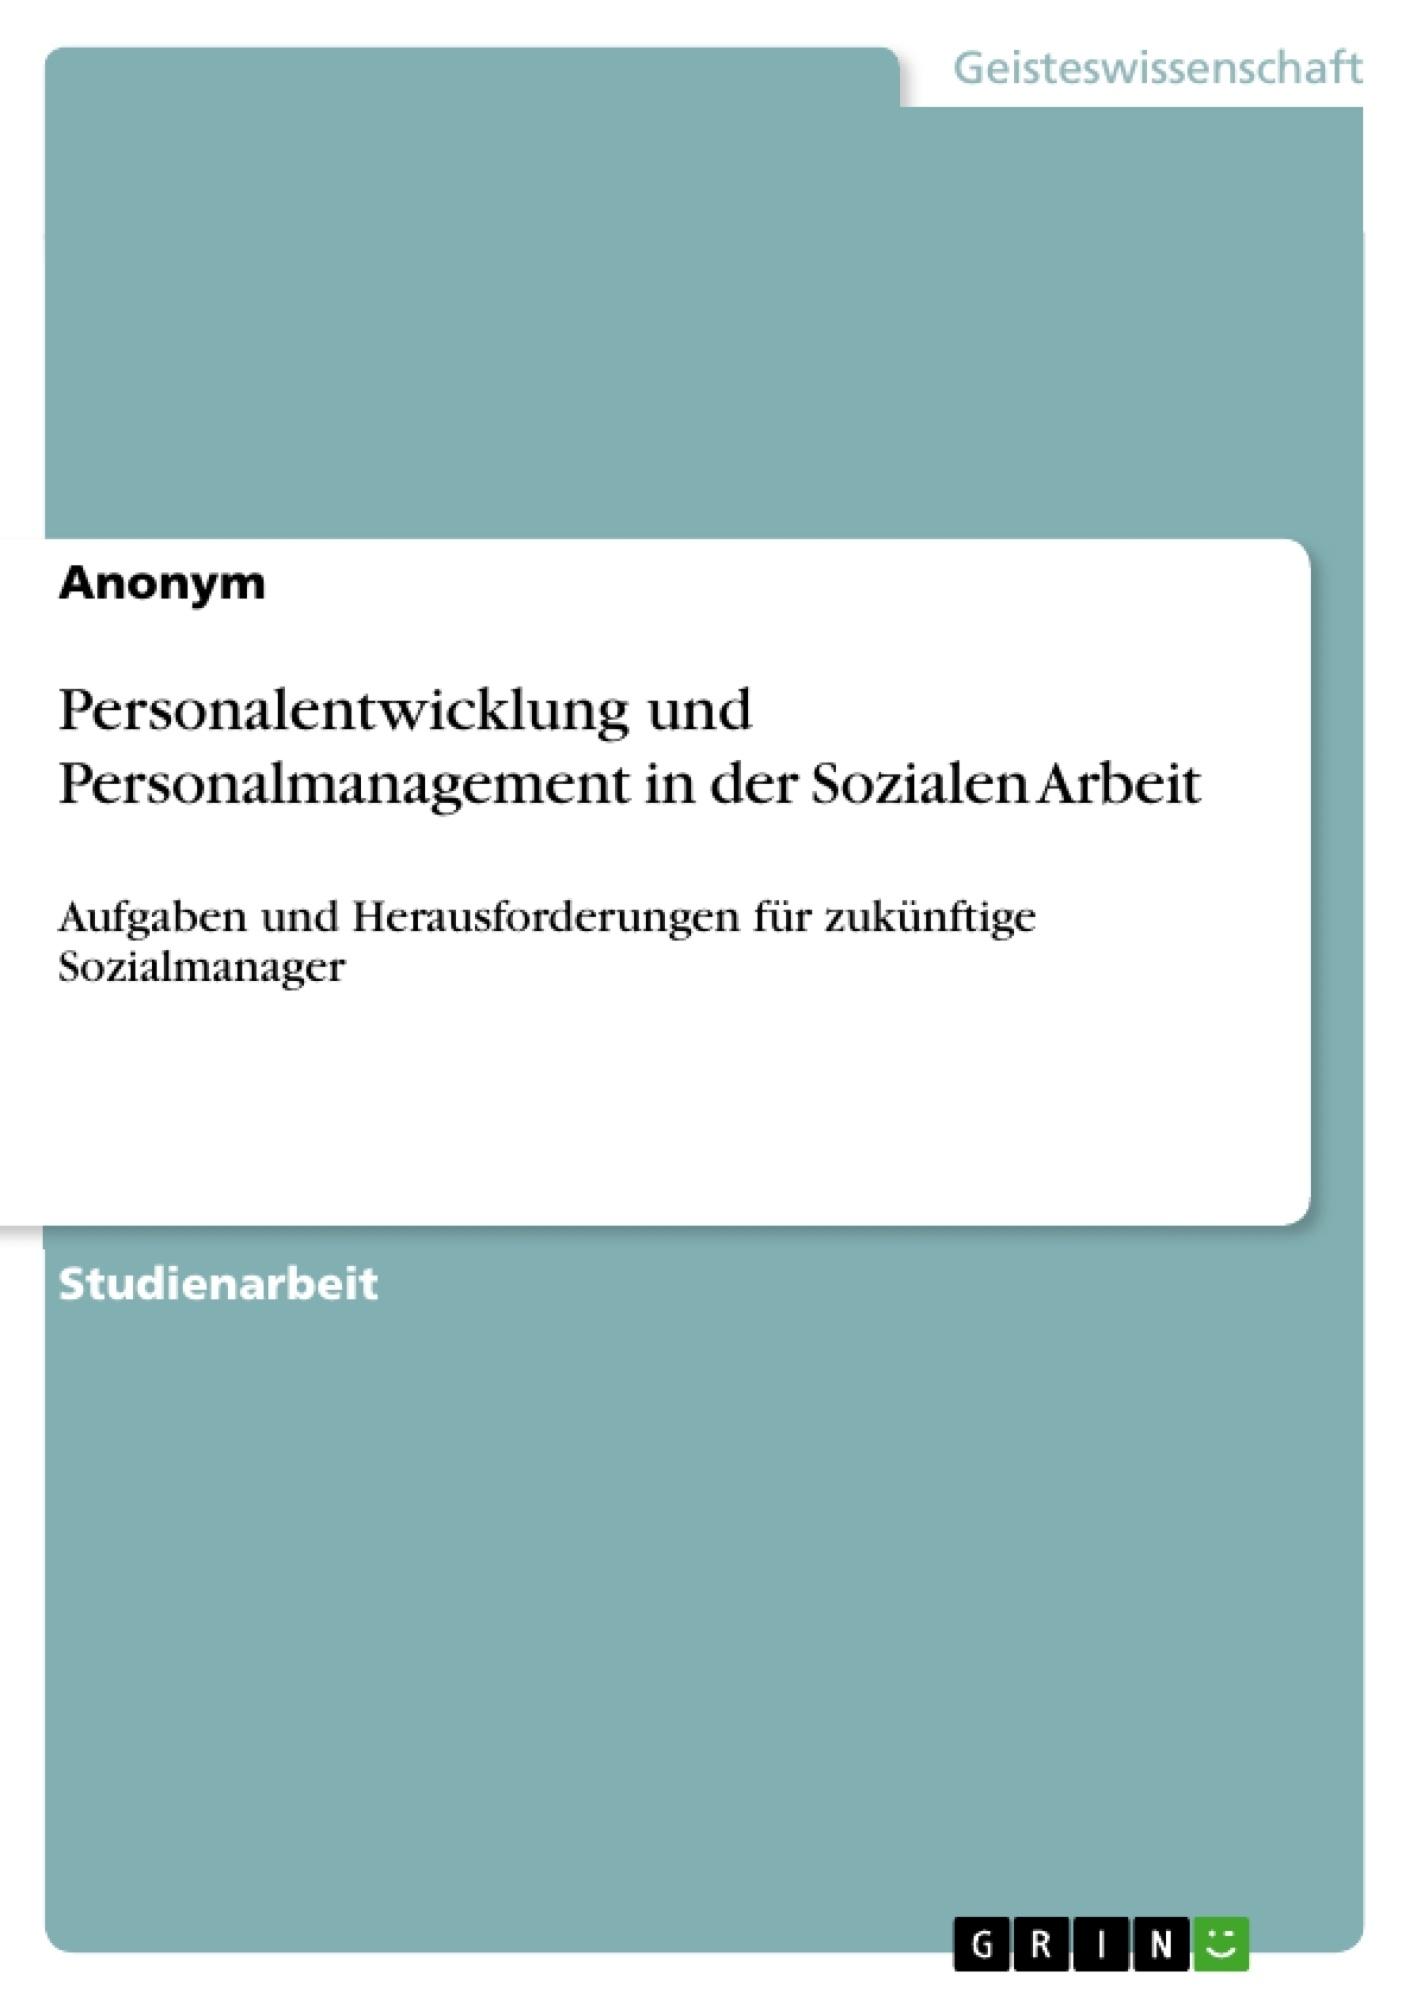 Titel: Personalentwicklung und Personalmanagement in der Sozialen Arbeit